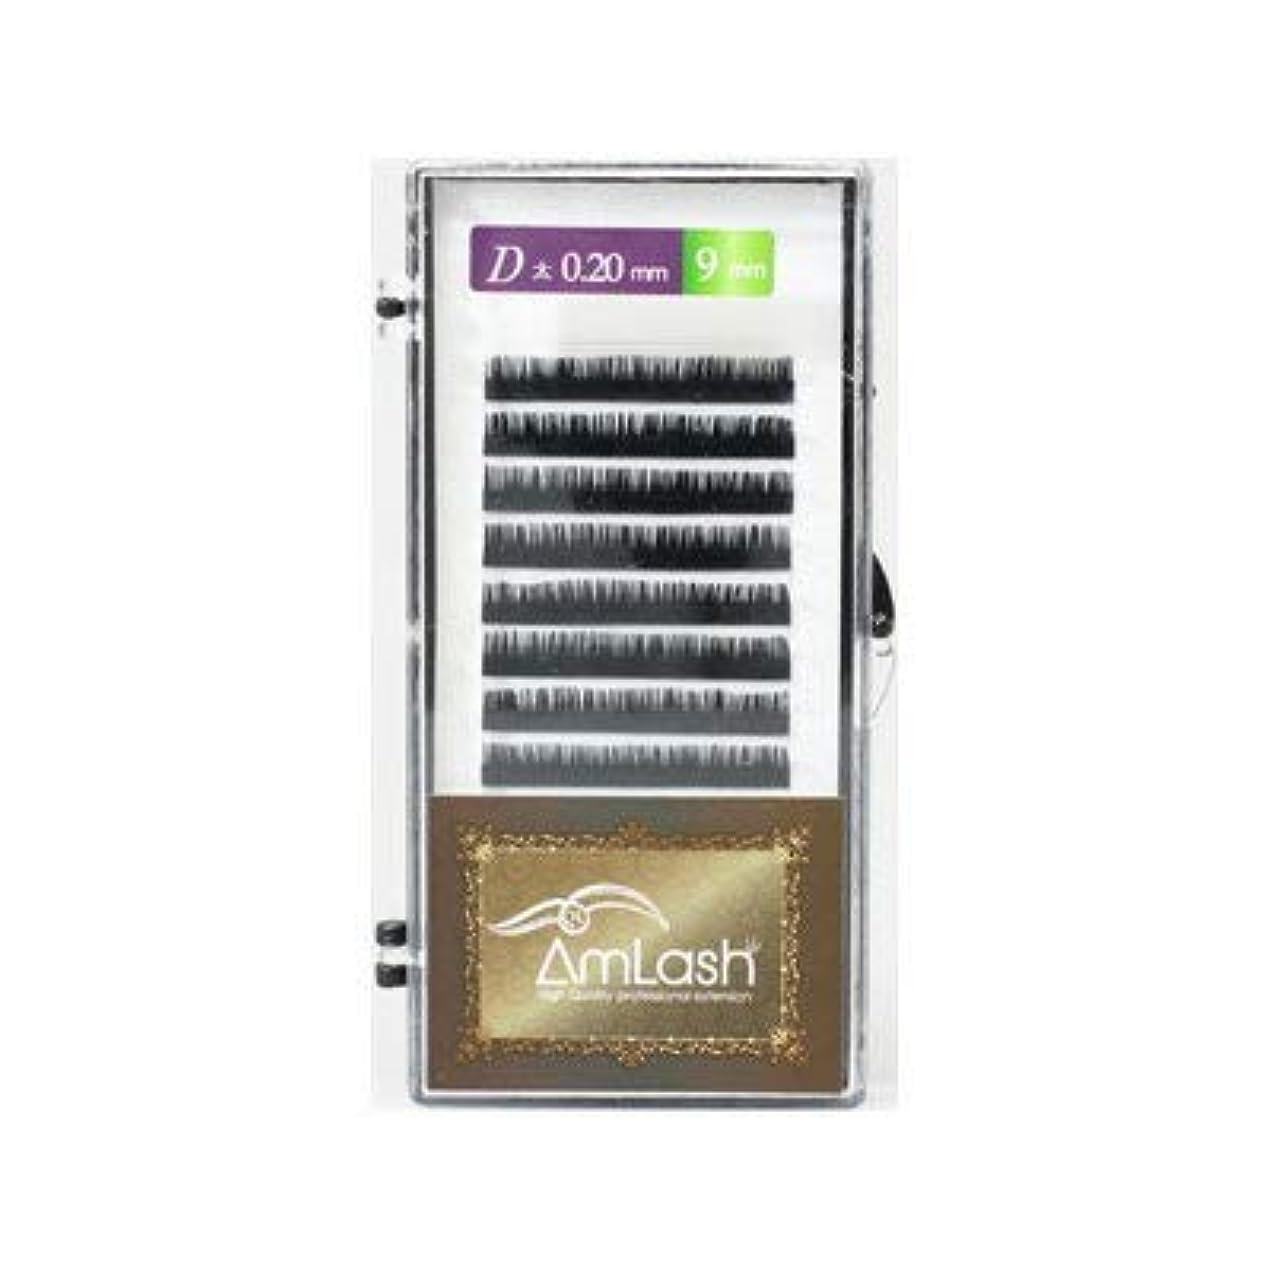 セーブ肌提供されたAmlash(アムラッシュ)ハイクオリティエクステ Dカール 0.20mm×9mm